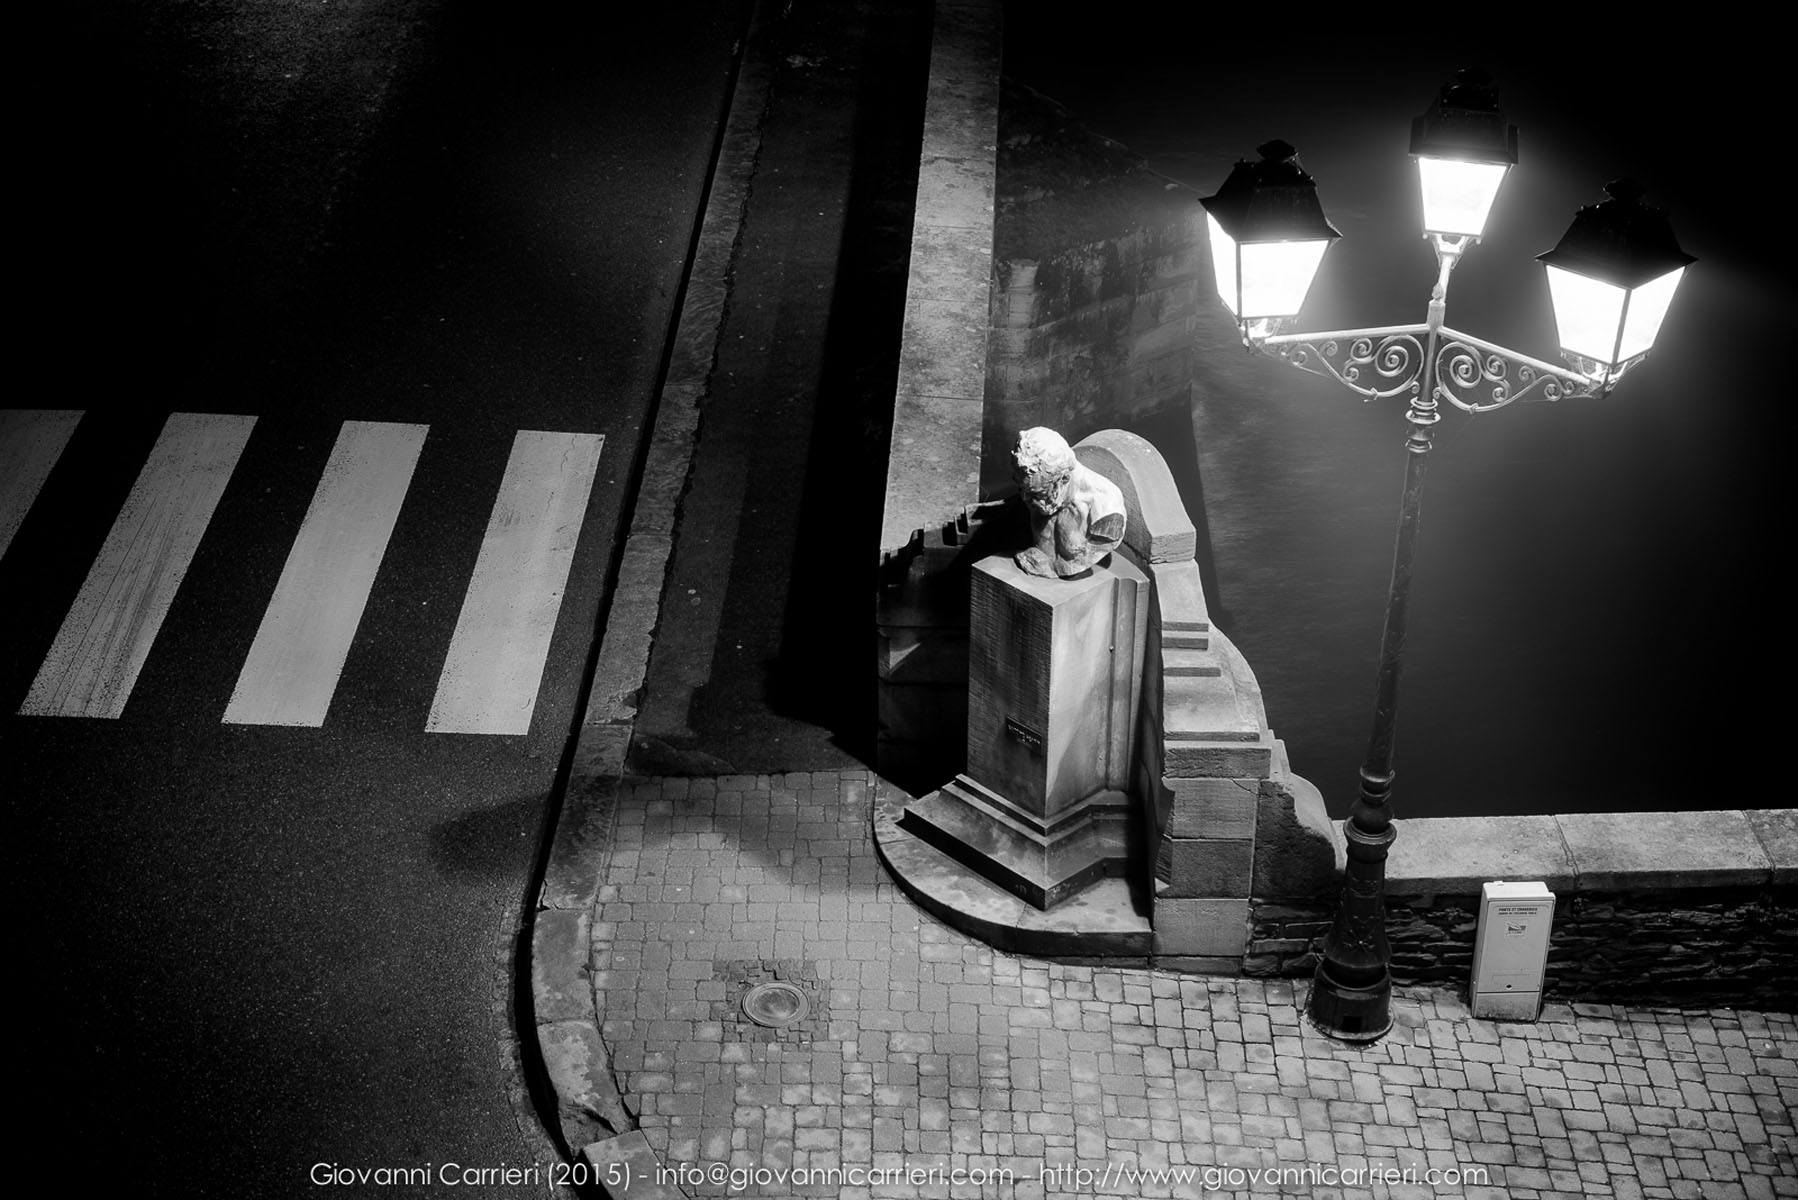 Il monumento dedicato a Victor Hugo, nato a Vianden